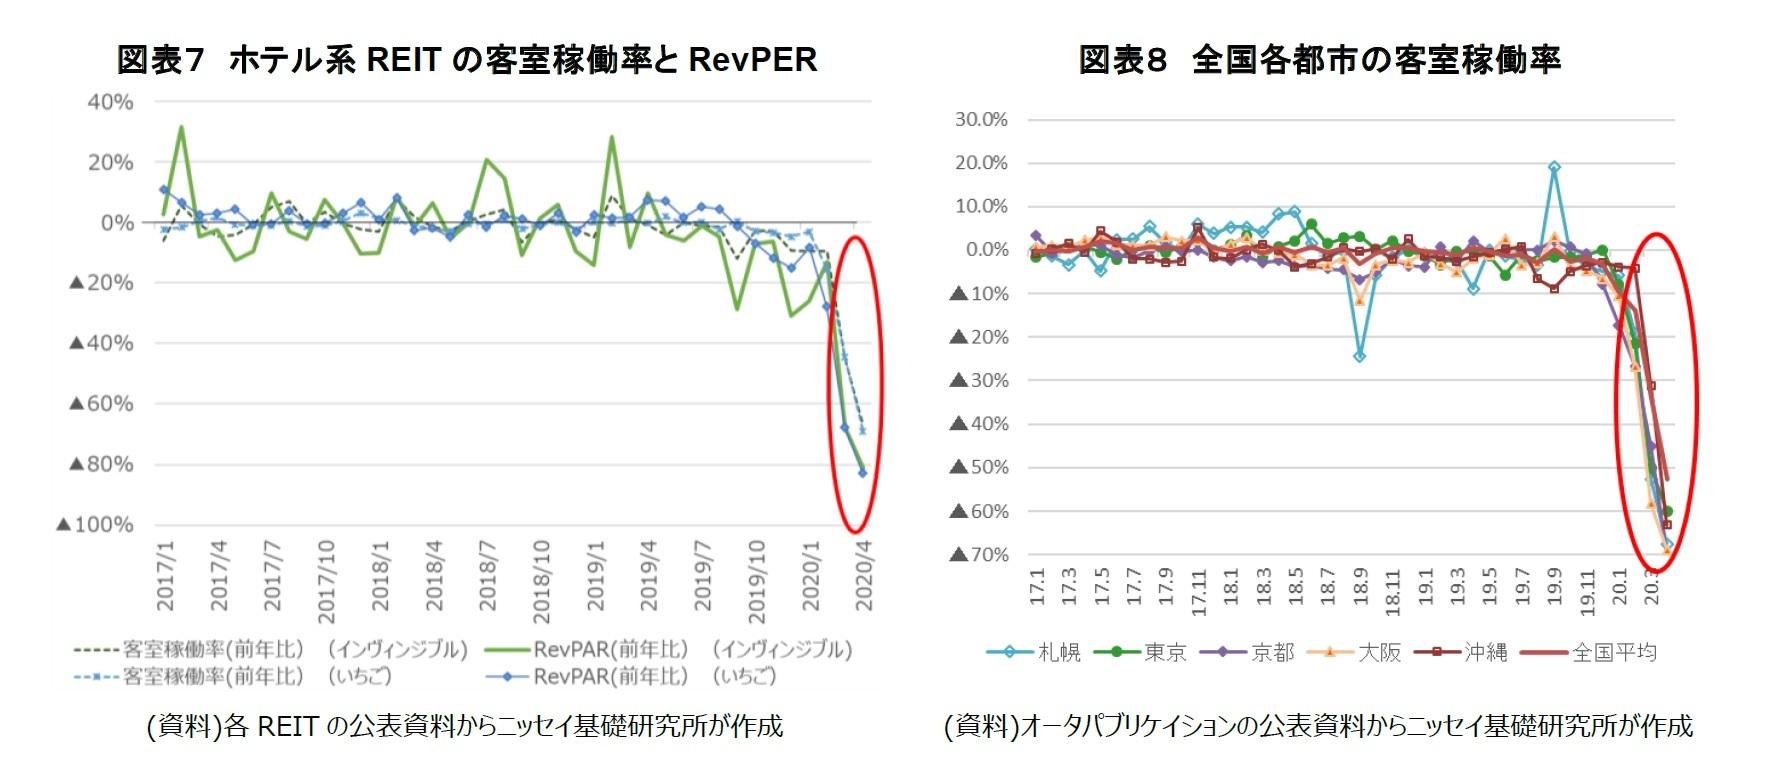 図表7 ホテル系REIT の客室稼働率とRevPER/図表8 全国各都市の客室稼働率